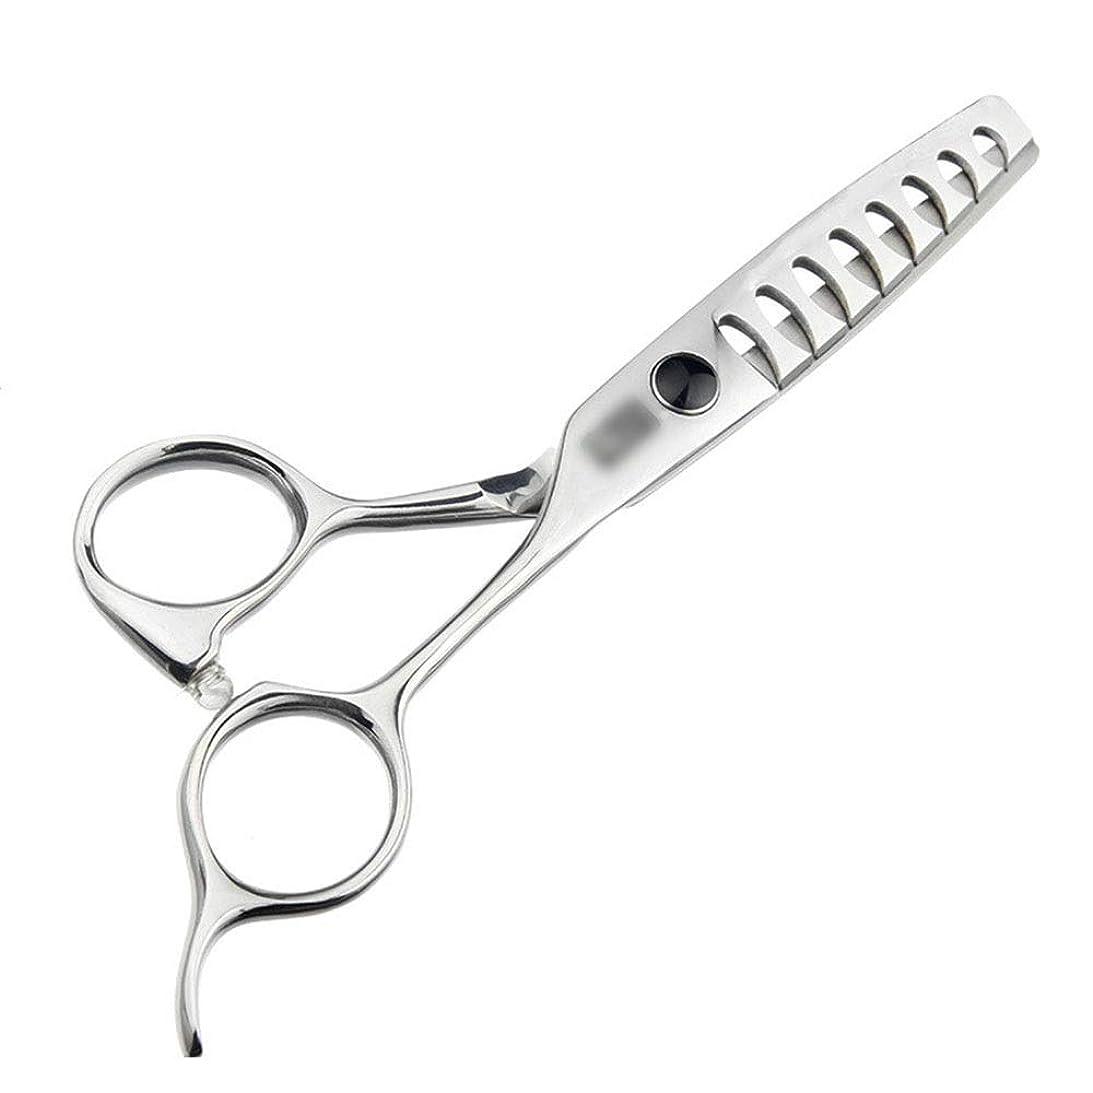 コック指標コミットメント5.5インチの散髪の上限の魚の骨のはさみ、継ぎ目が無い毛のはさみ モデリングツール (色 : Silver)